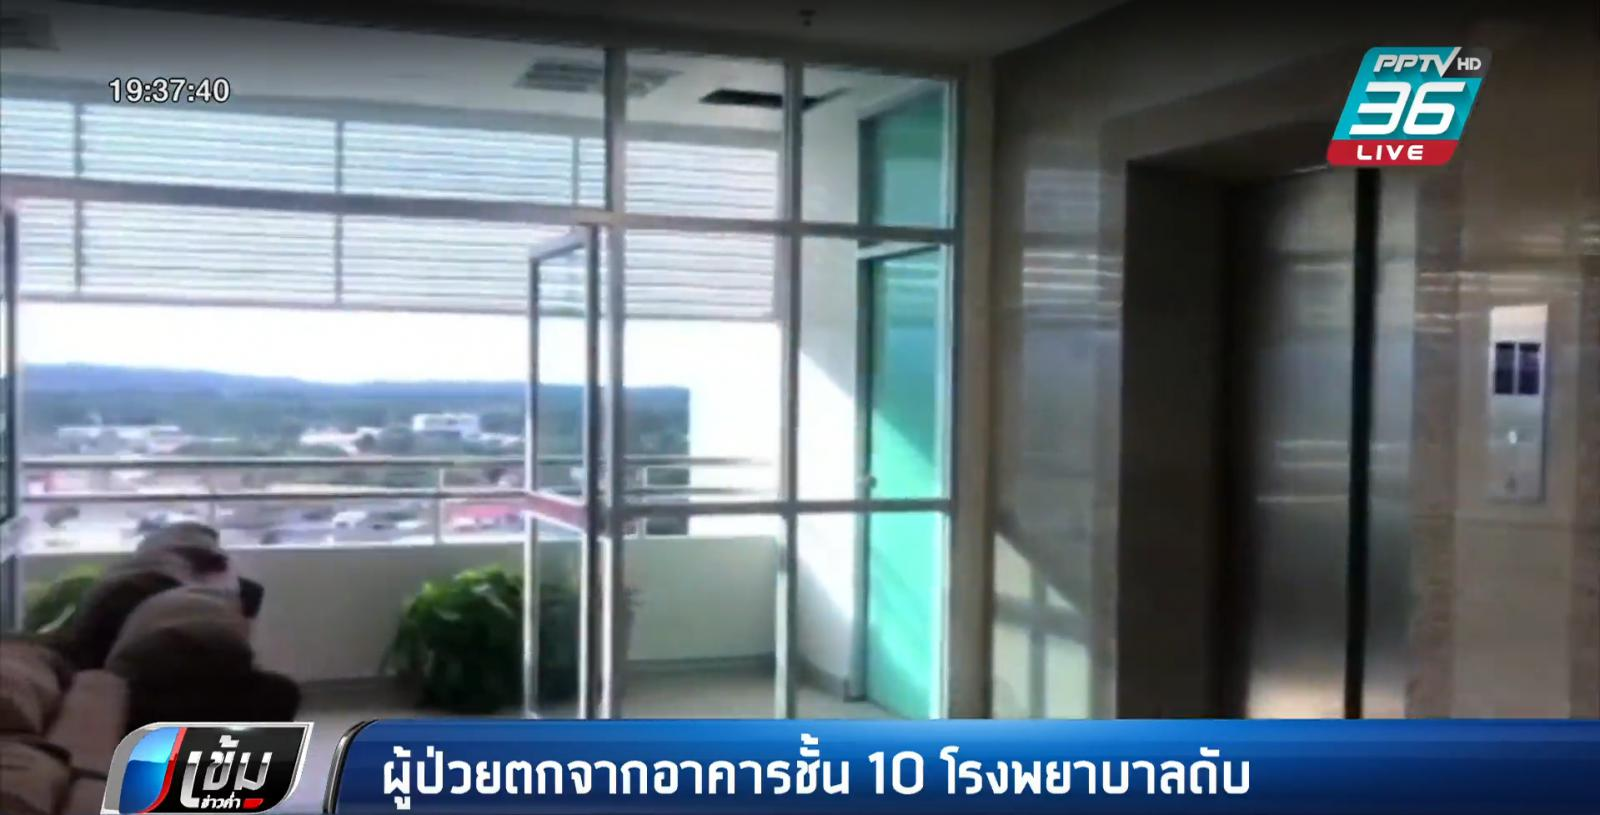 หนุ่มวัย 44 โดดตึกชั้น 10 รพ.ยะลา ร่วงกระแทกดับ พยาบาลเผยห้ามไม่ทัน